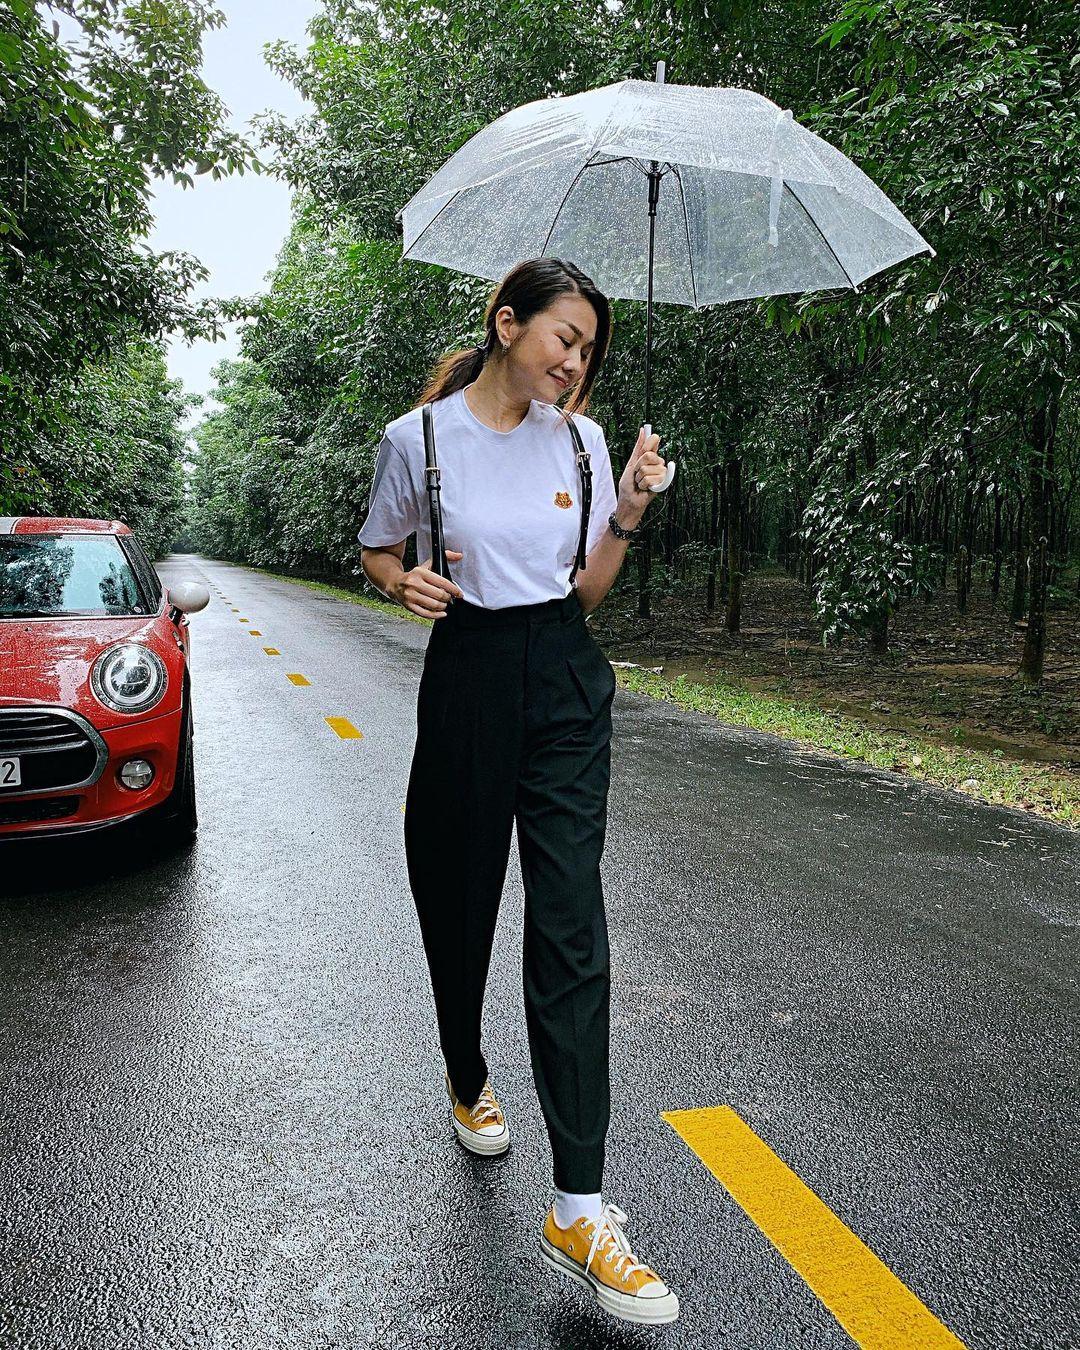 11 set đồ từ Thanh Hằng mà bạn có thể copy ngay để diện đi làm hay đi chơi cũng đẹp - Ảnh 9.